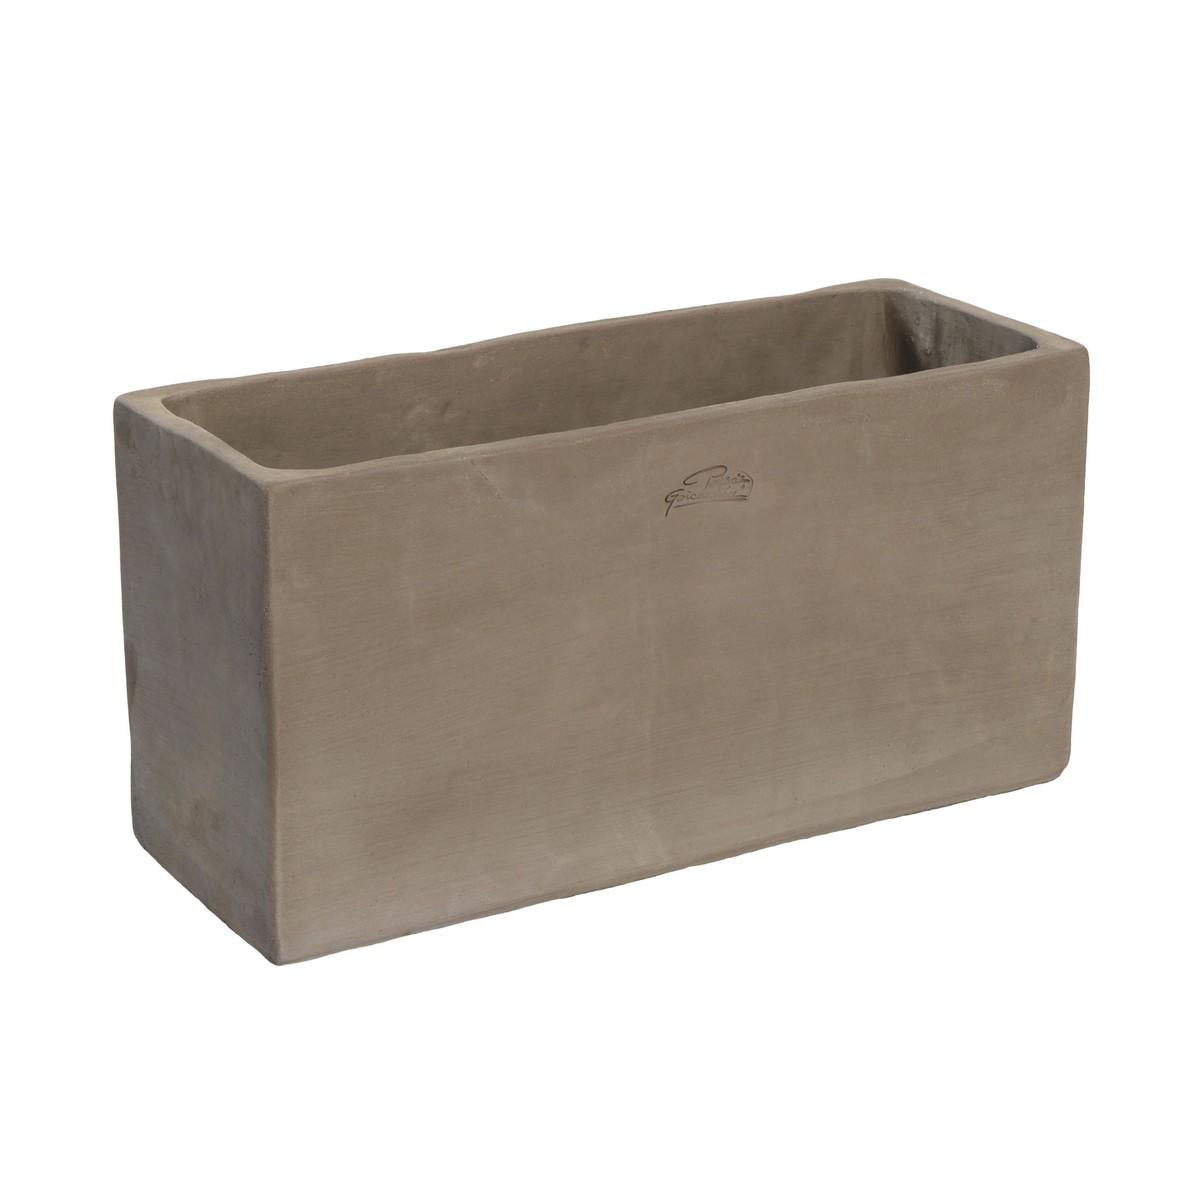 poterie goicoechea jardiniere haute 50 cms gris 52x20x25cm 16 l schilliger. Black Bedroom Furniture Sets. Home Design Ideas